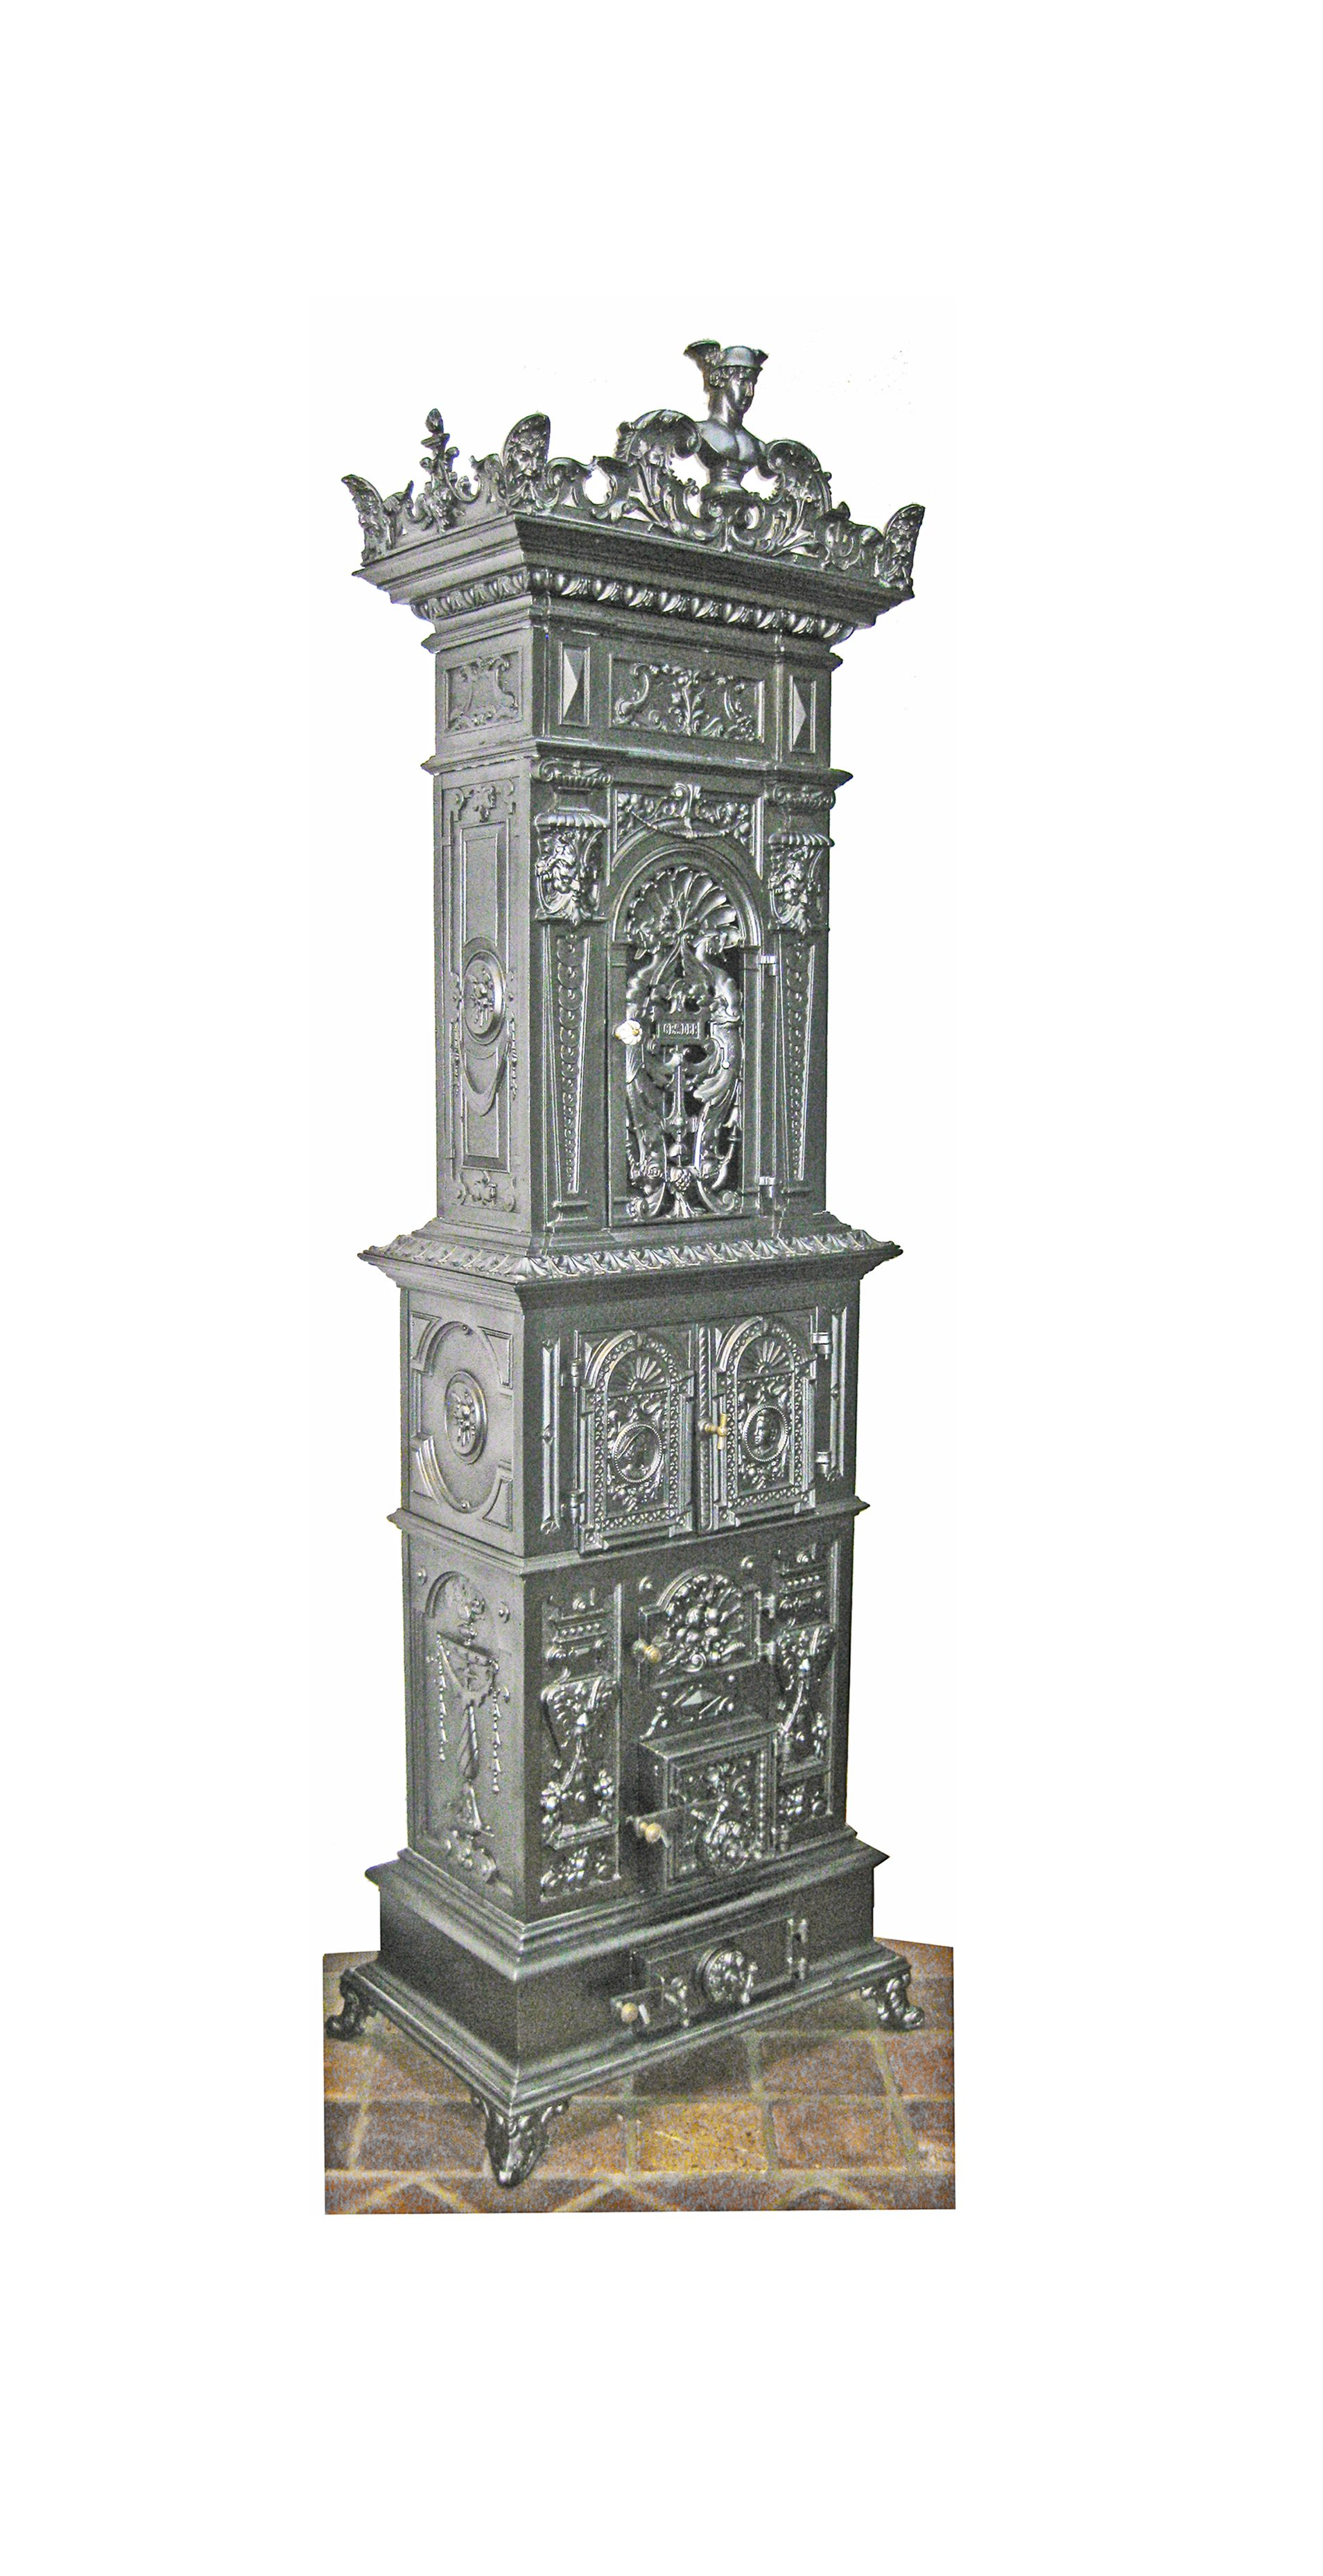 Antikofen Mit Hermesfigur In Der Kunstguss Krone Antik Antike